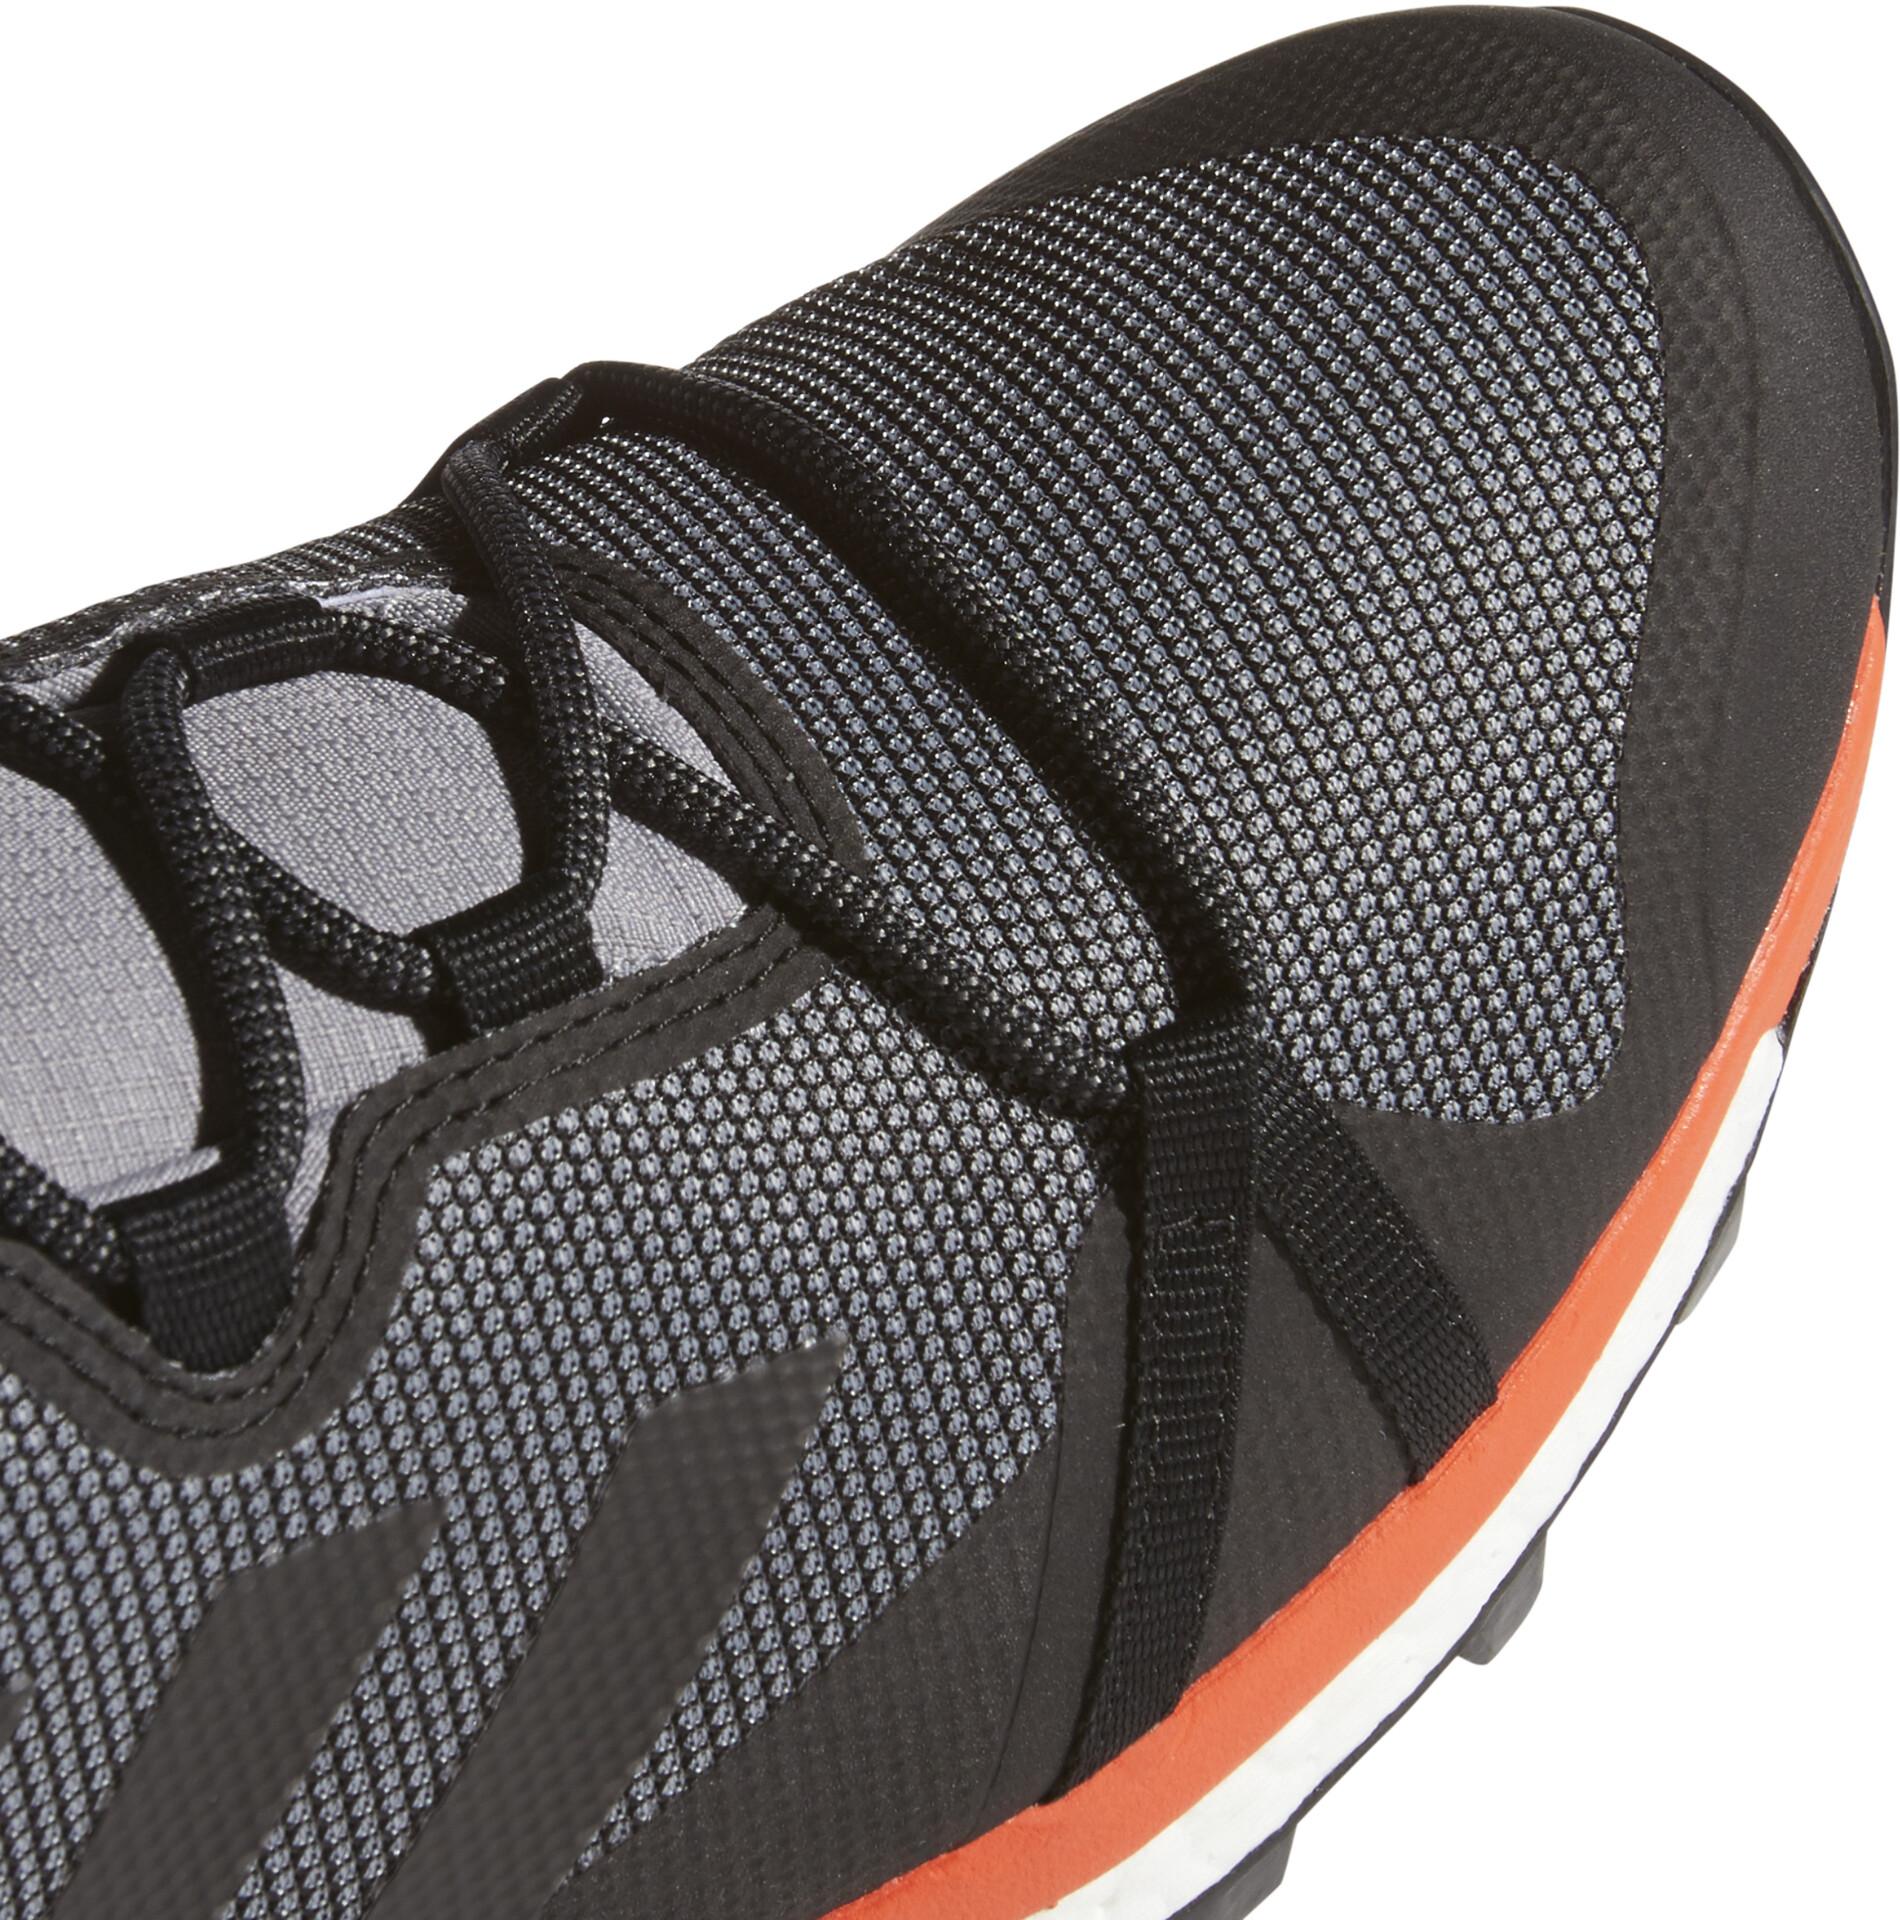 De laagste prijs Adidas Originals NMD CS2 Primeknit Heren